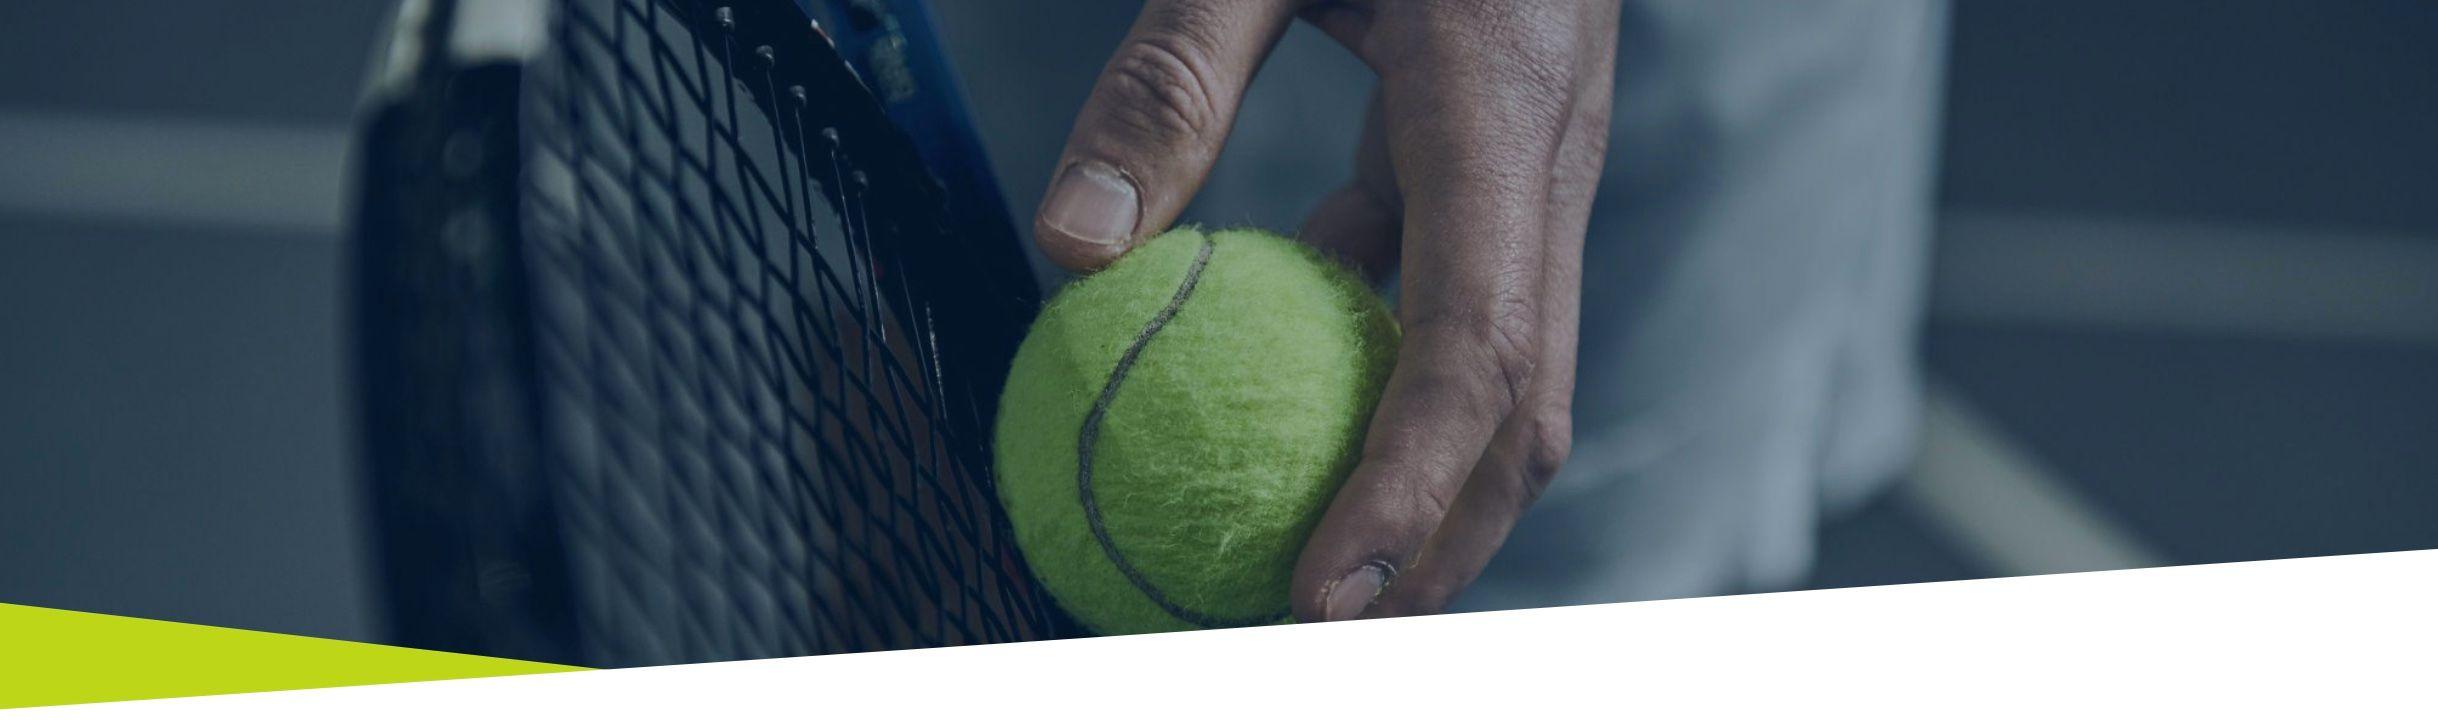 tennis header.jpg